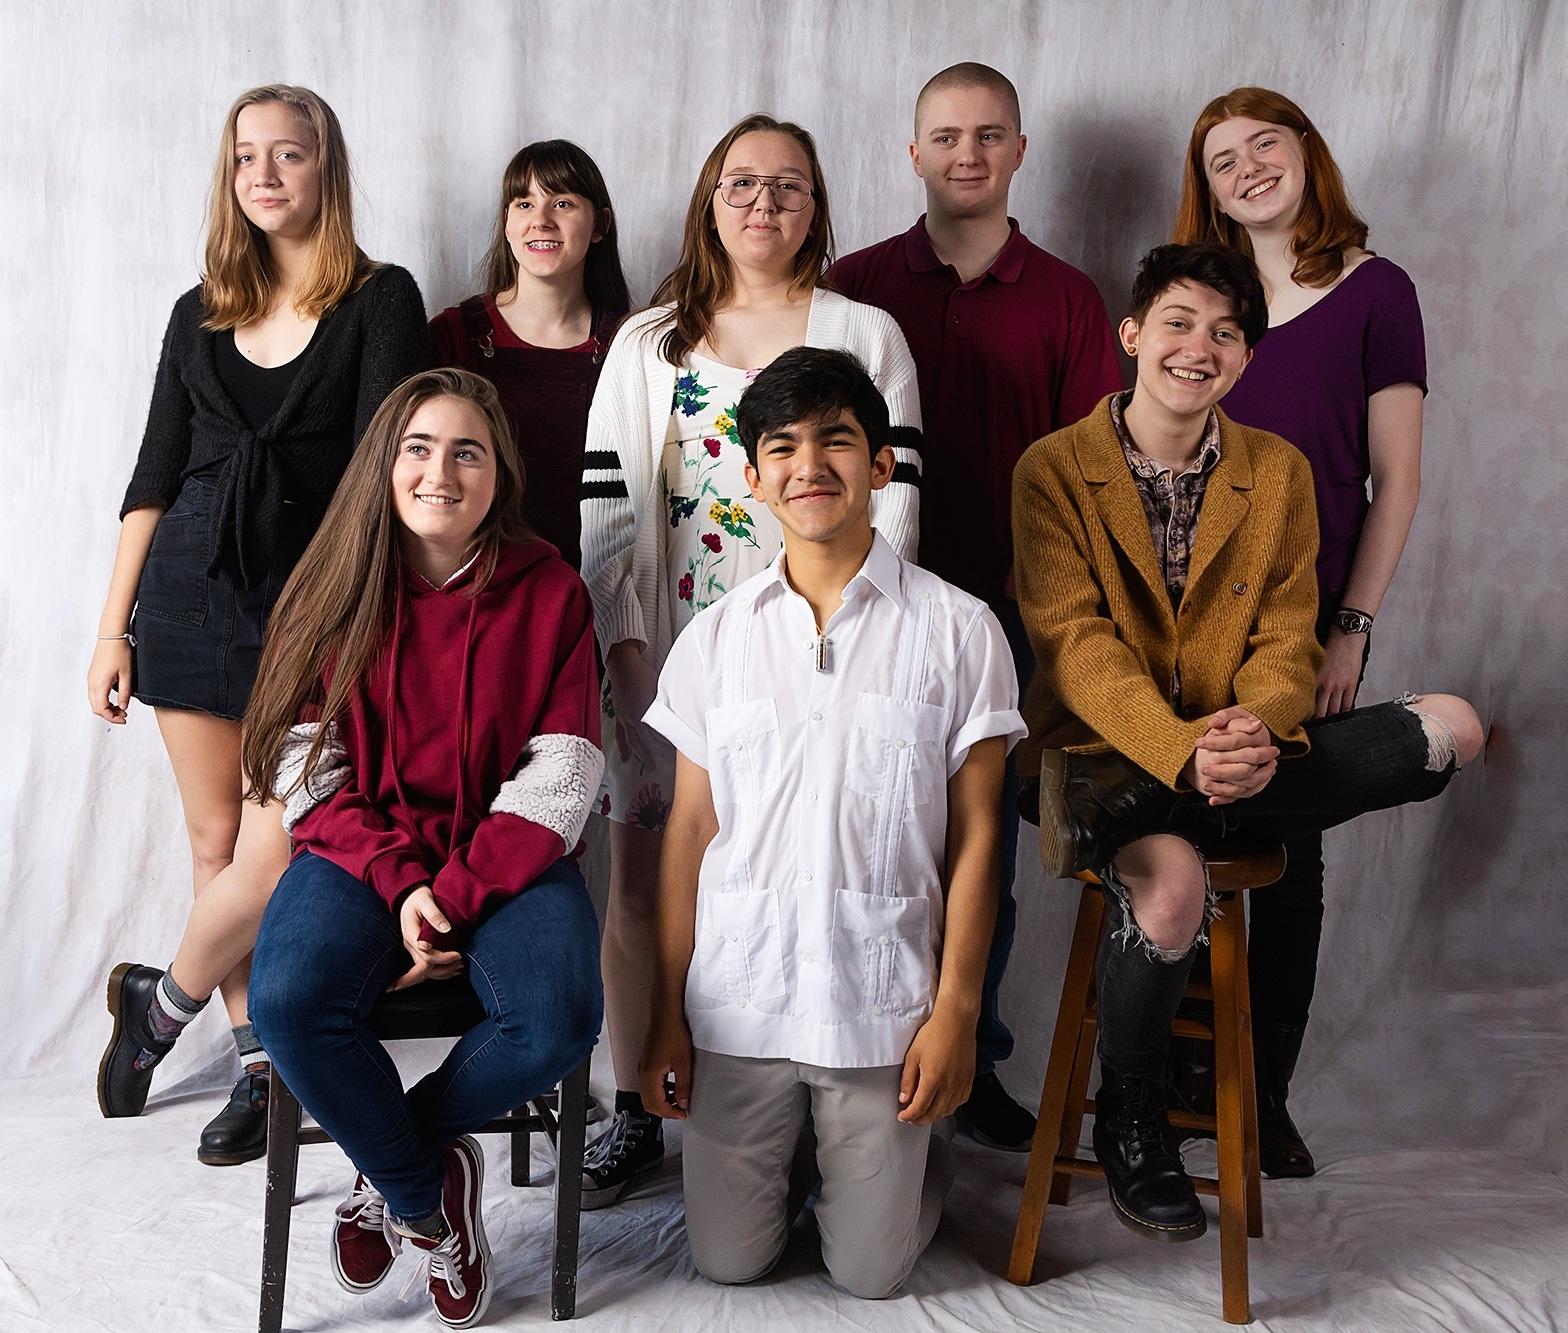 Aliza, Aresa, Asher, Diego, Ellric, Lydia, Regan & Stephanie    Photo by Brett Love